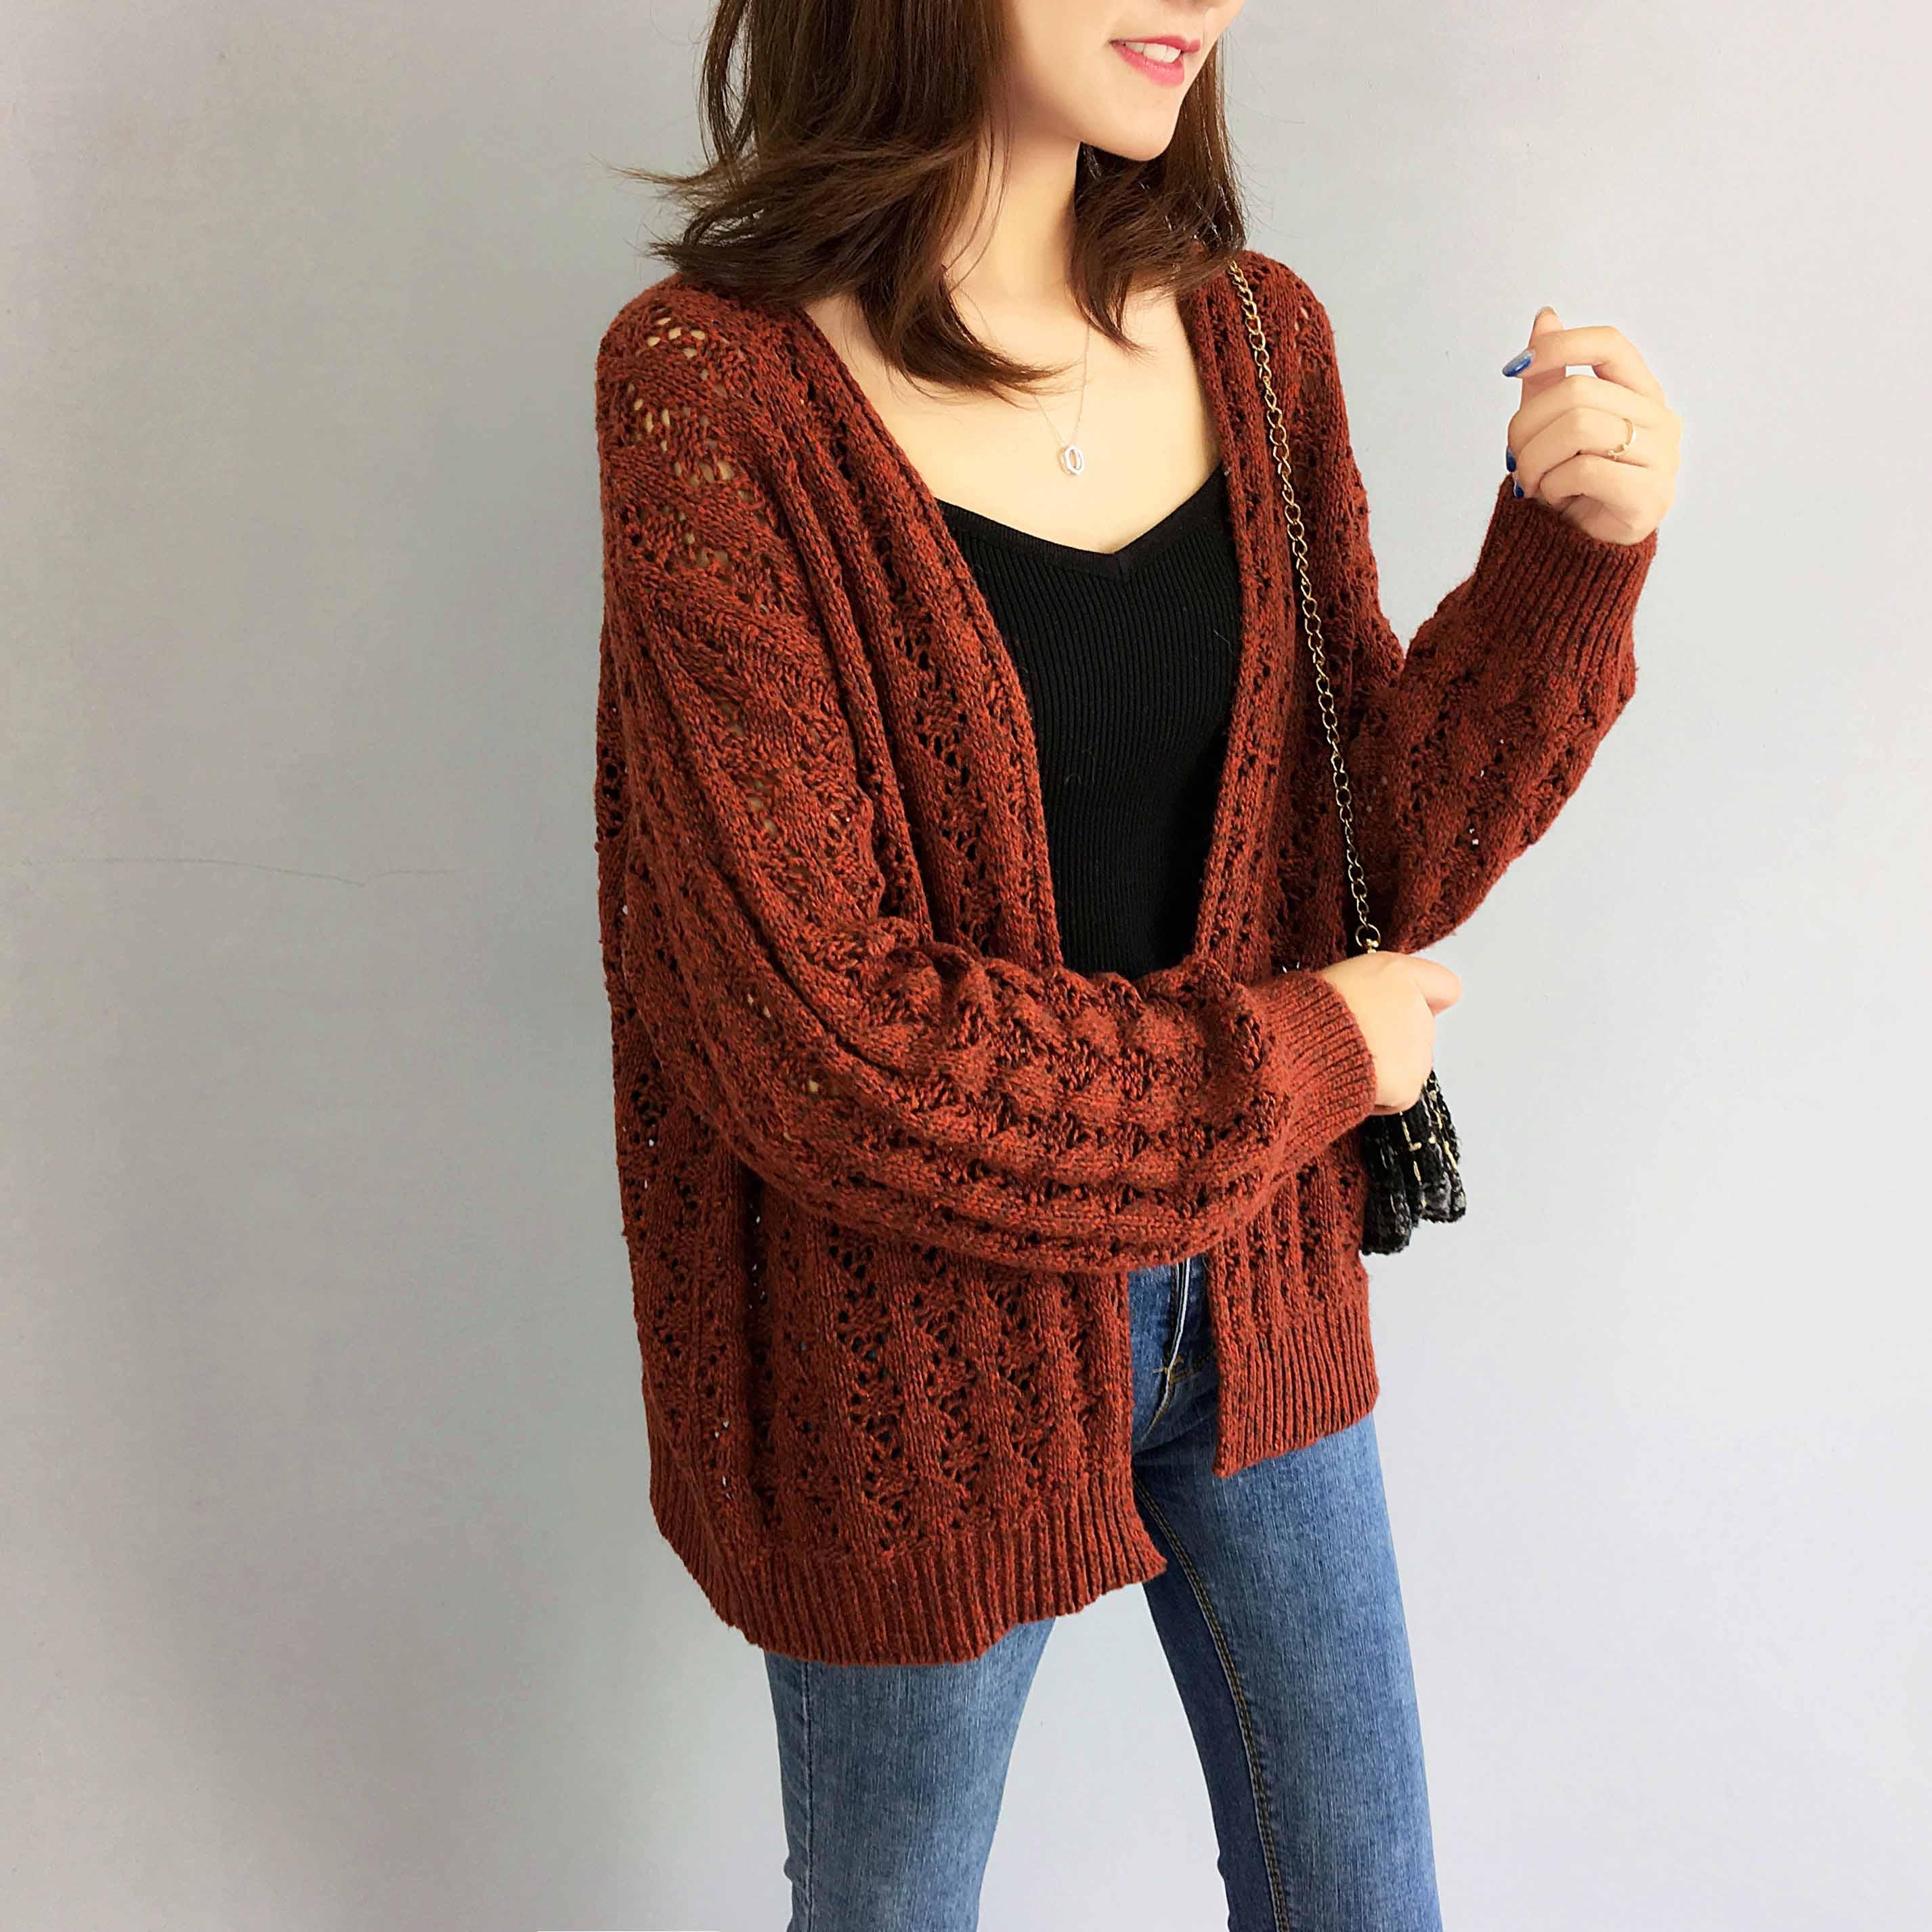 秋季针织衫开衫女薄款镂空外搭2018春秋新款宽松休闲线衣毛衣外套